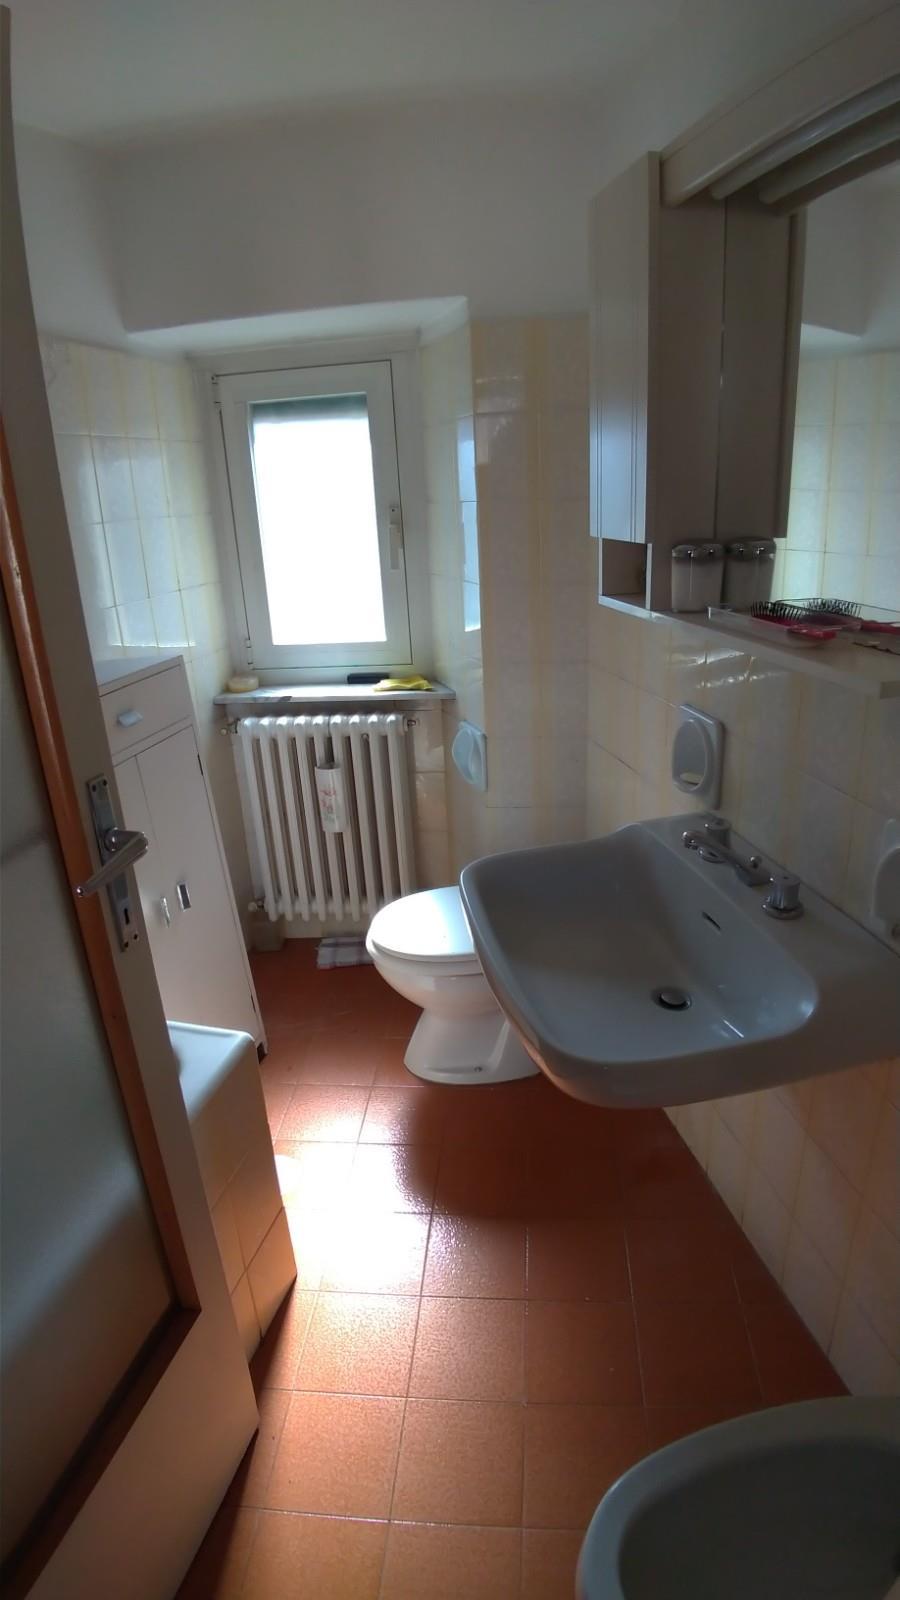 Foto 8 - Casa indipendente in Vendita - Valgreghentino (Lecco)